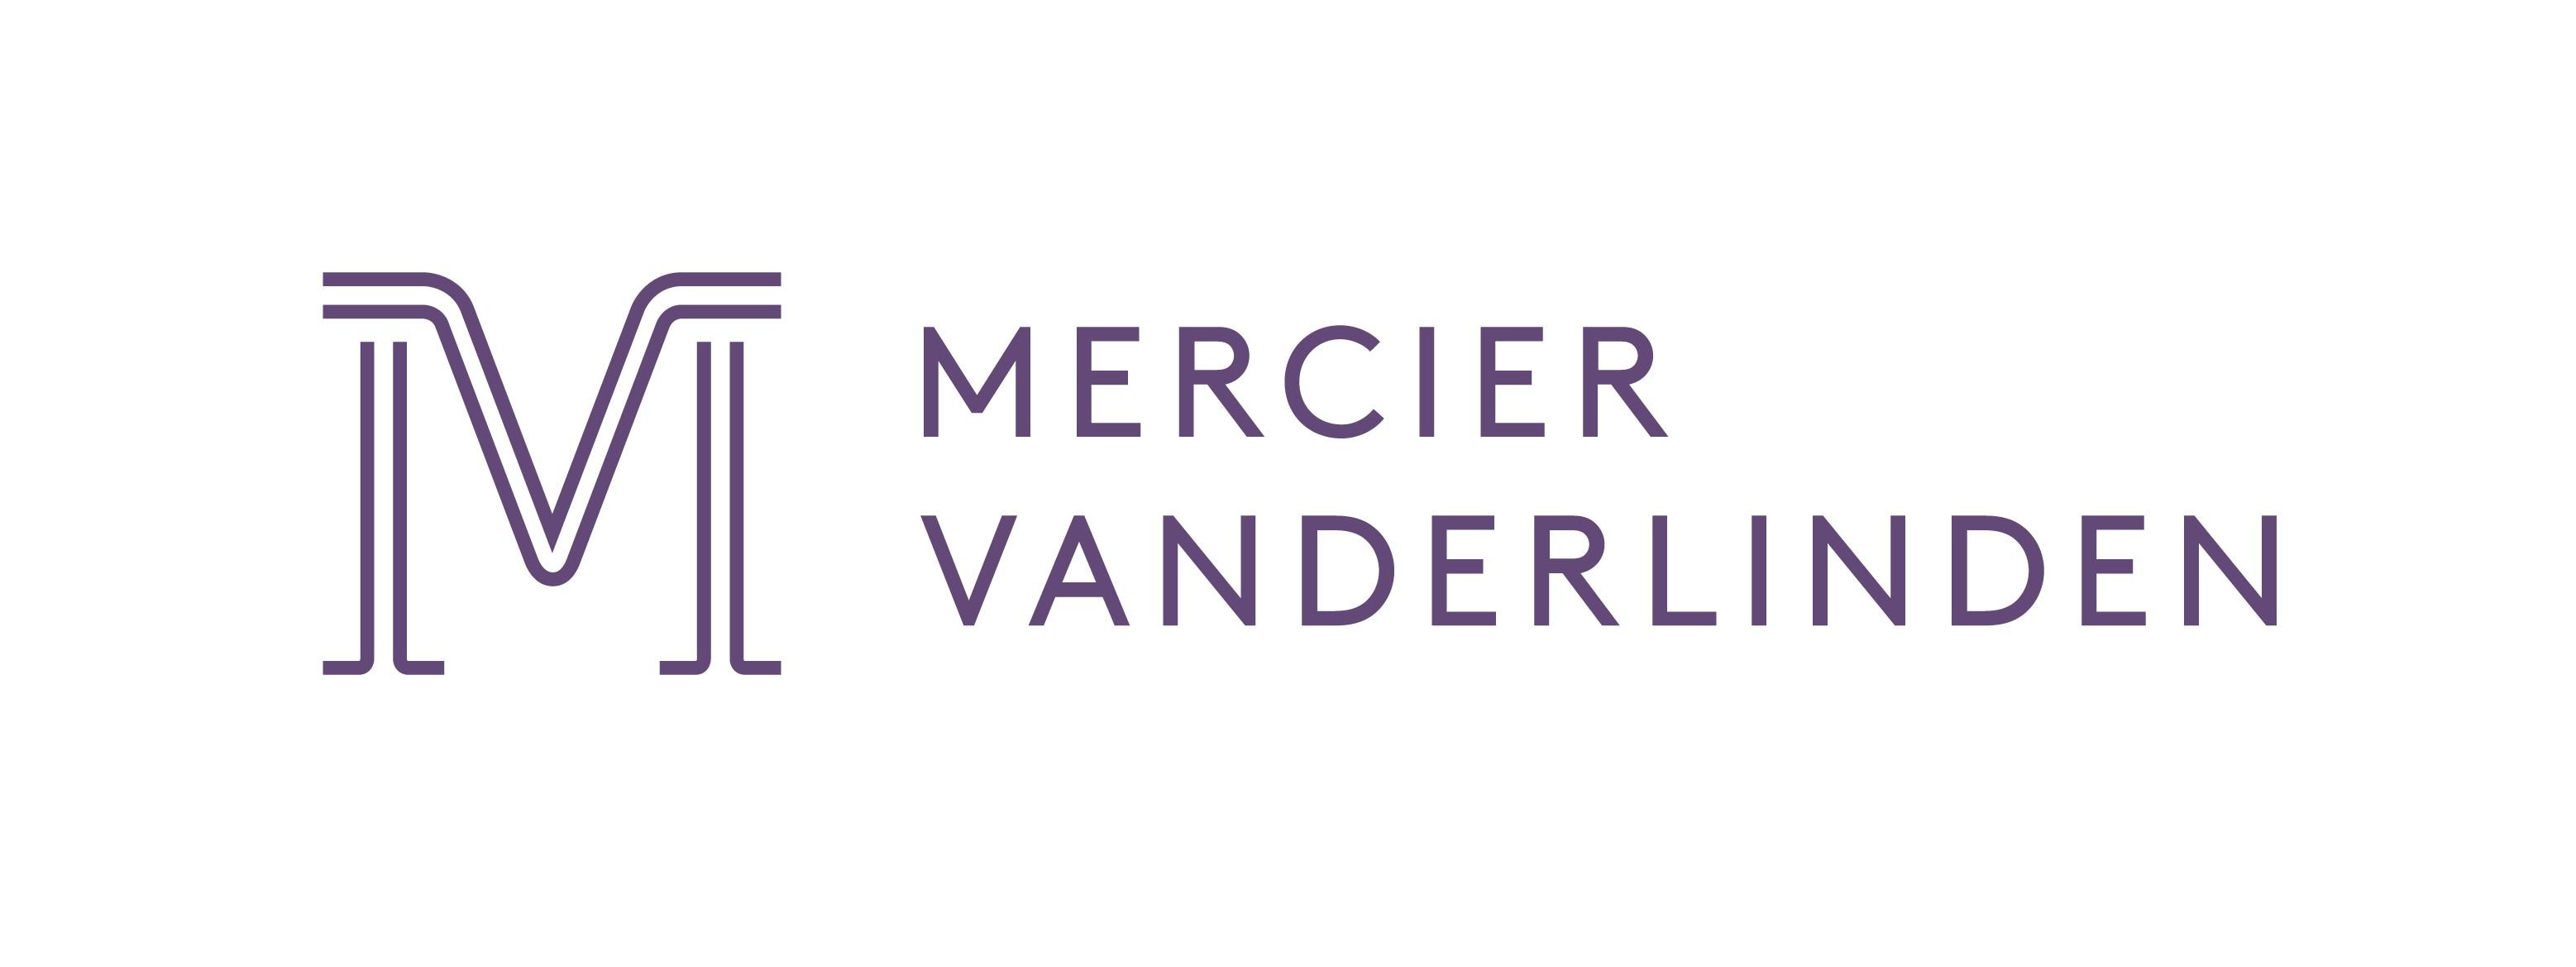 MercierVanderlinden-logo